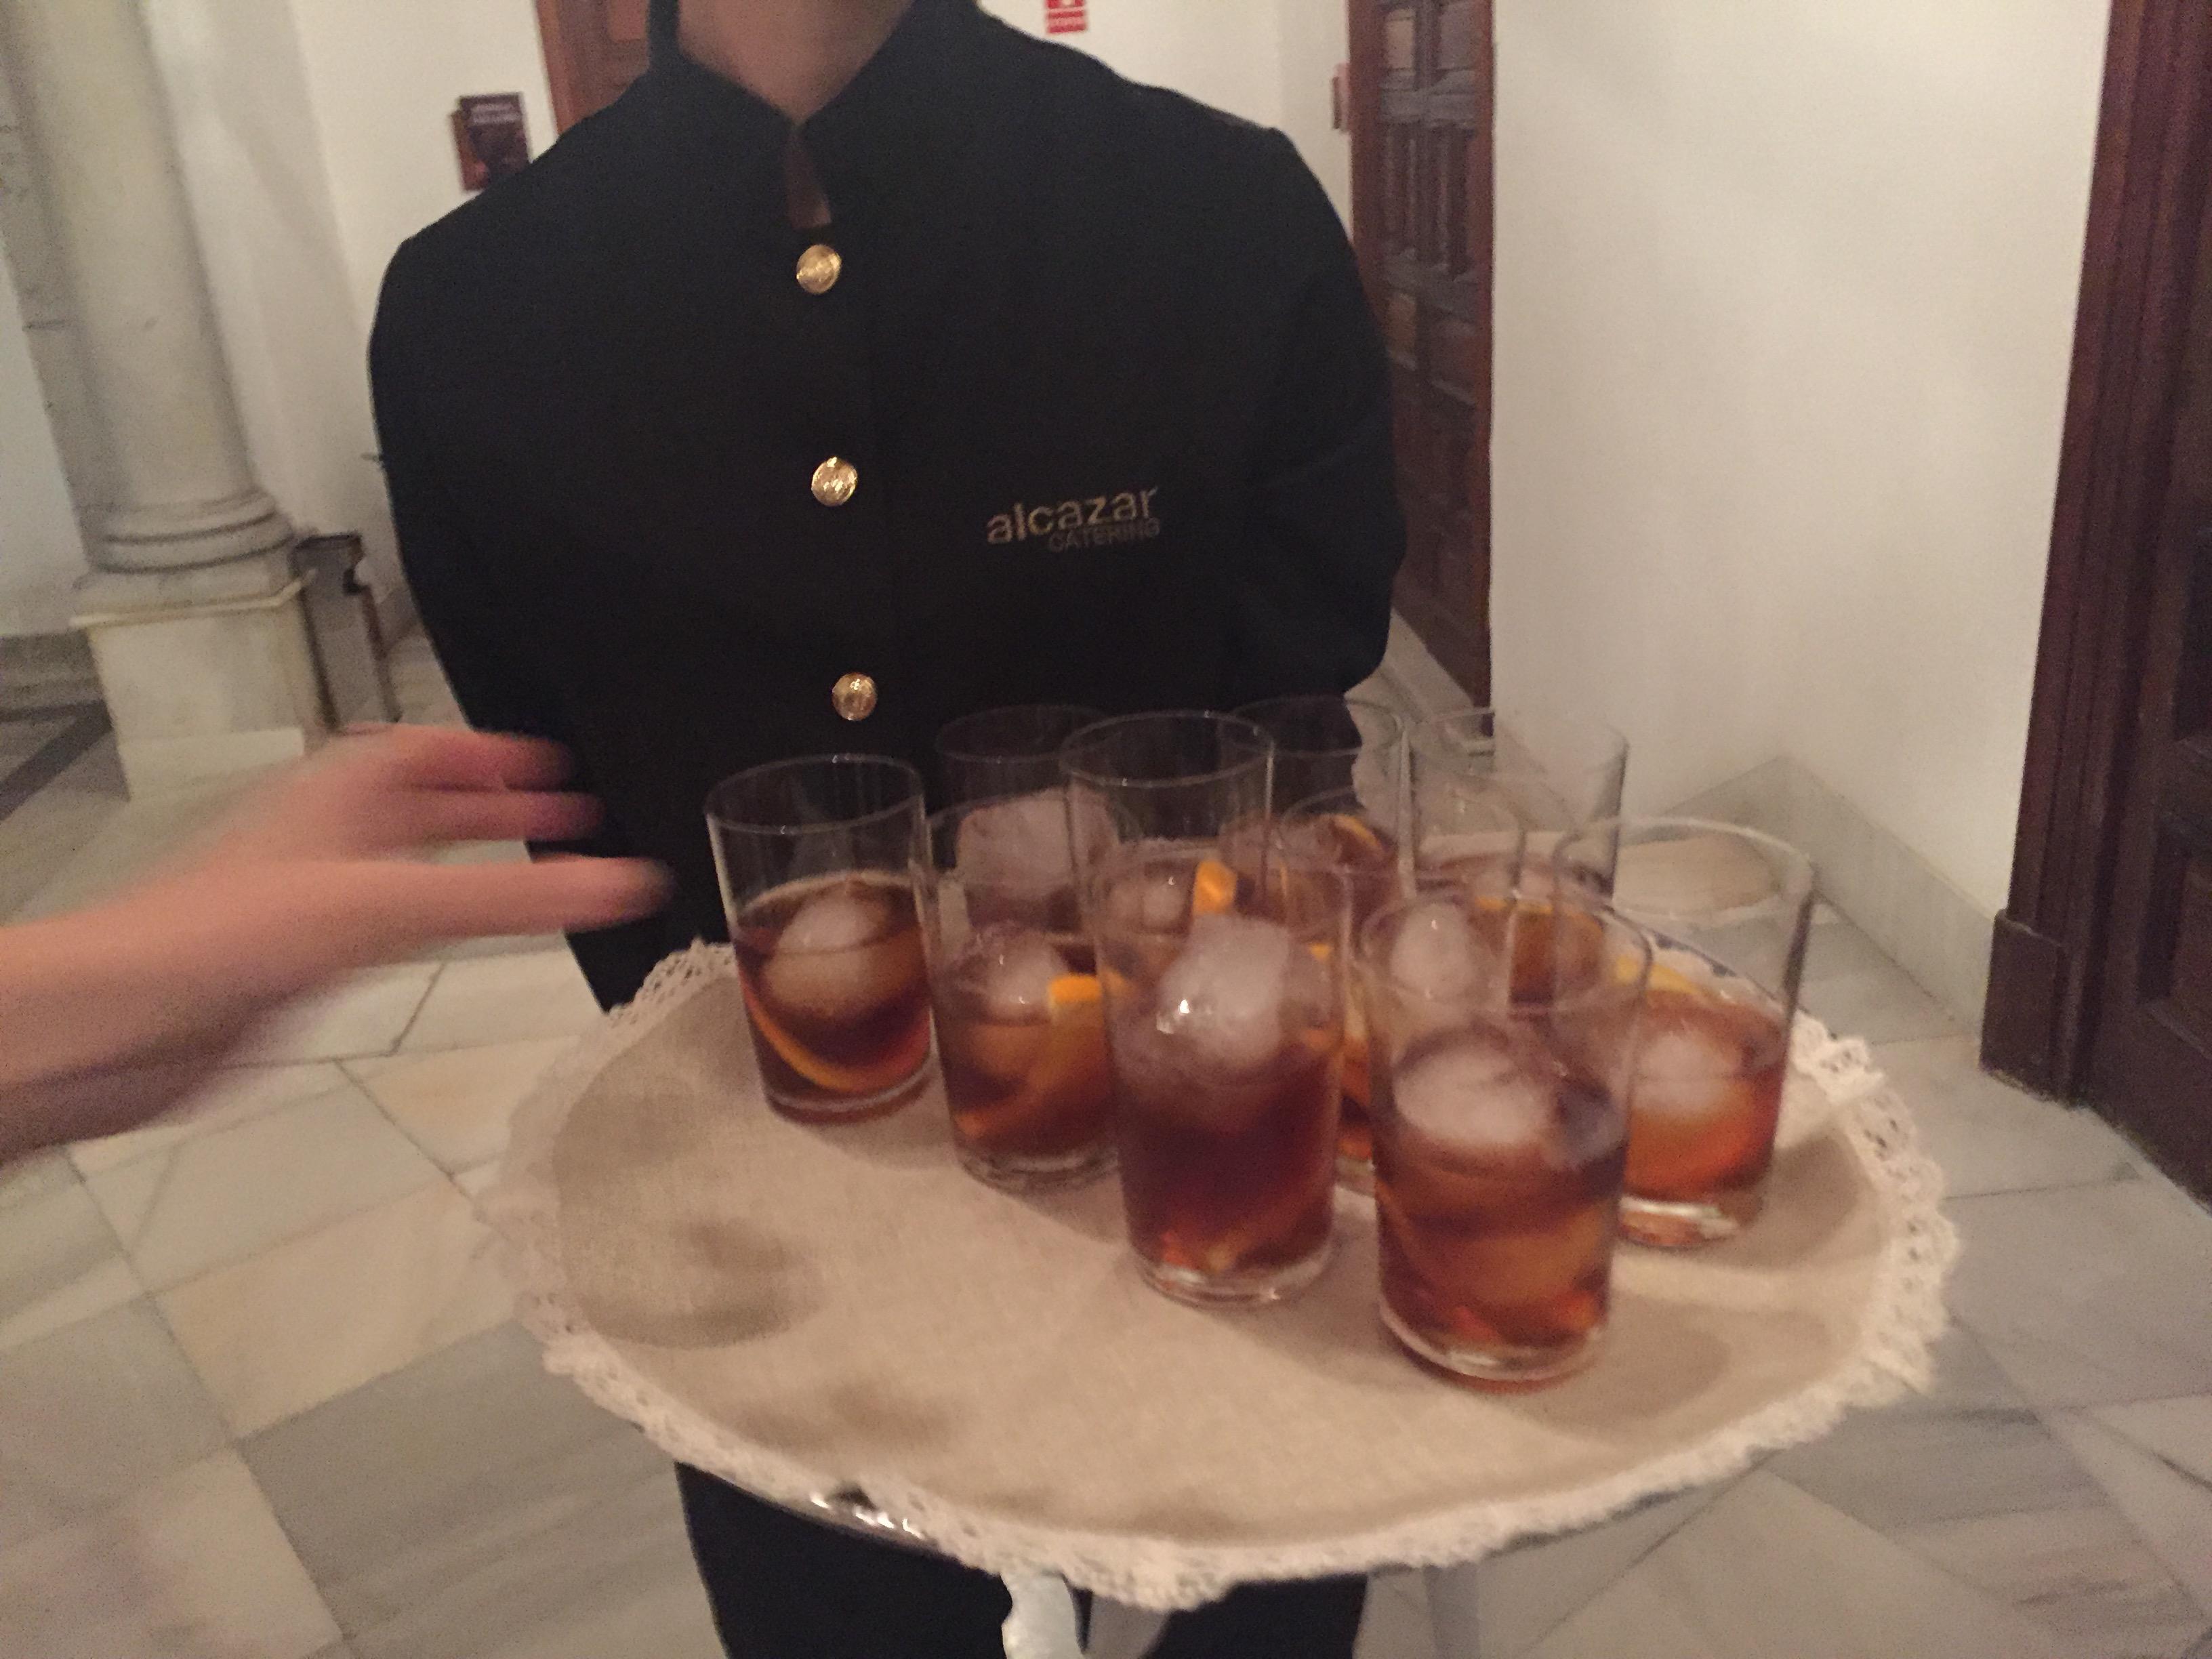 西班牙雪莉酒官方认证讲师之旅第11张-葡萄酒博客